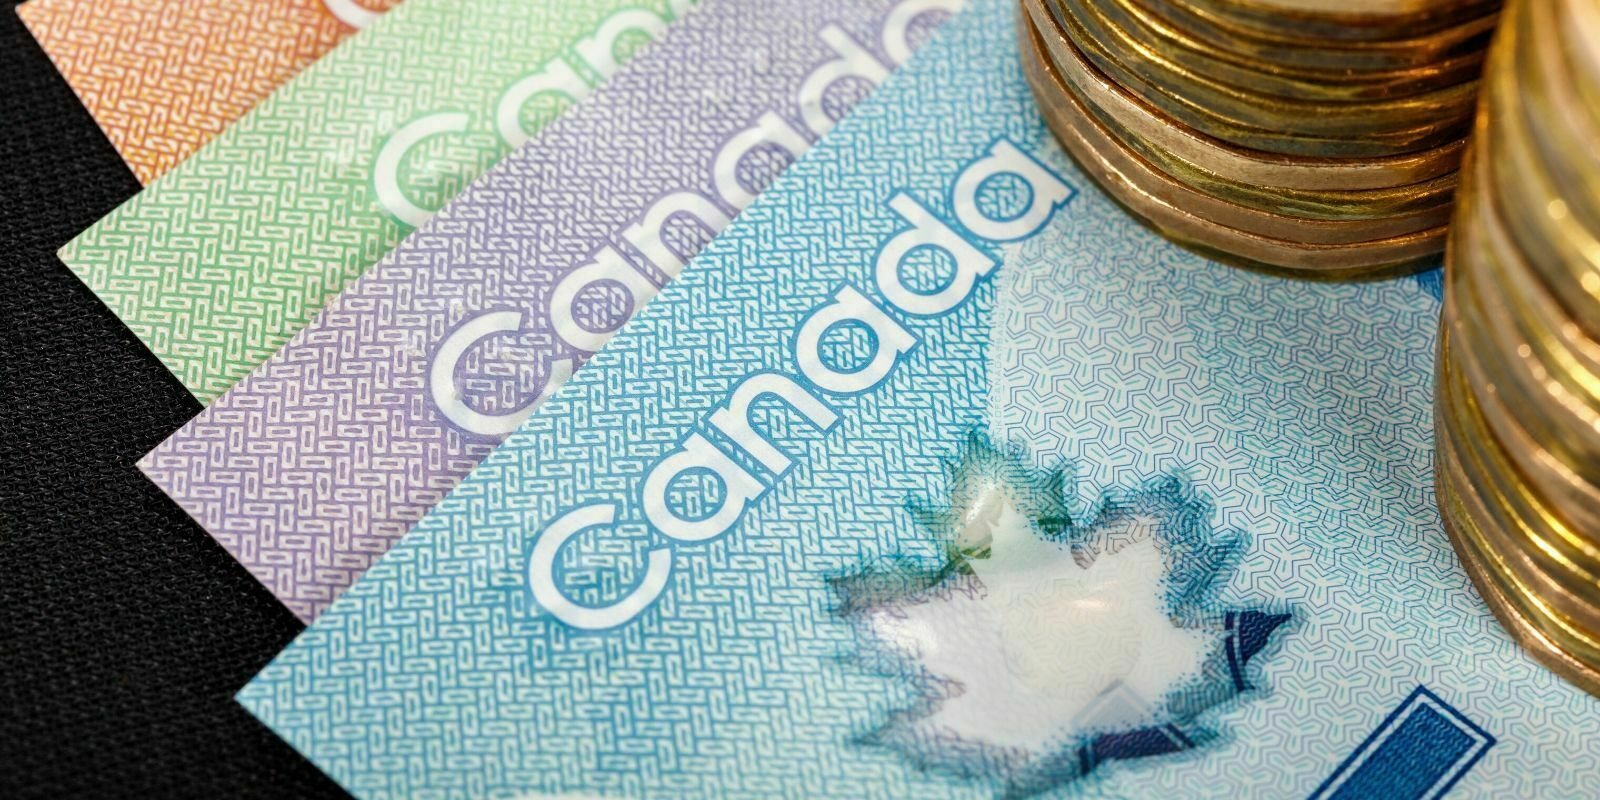 Stablecorp dévoile le QCAD, un stablecoin indexé au dollar canadien